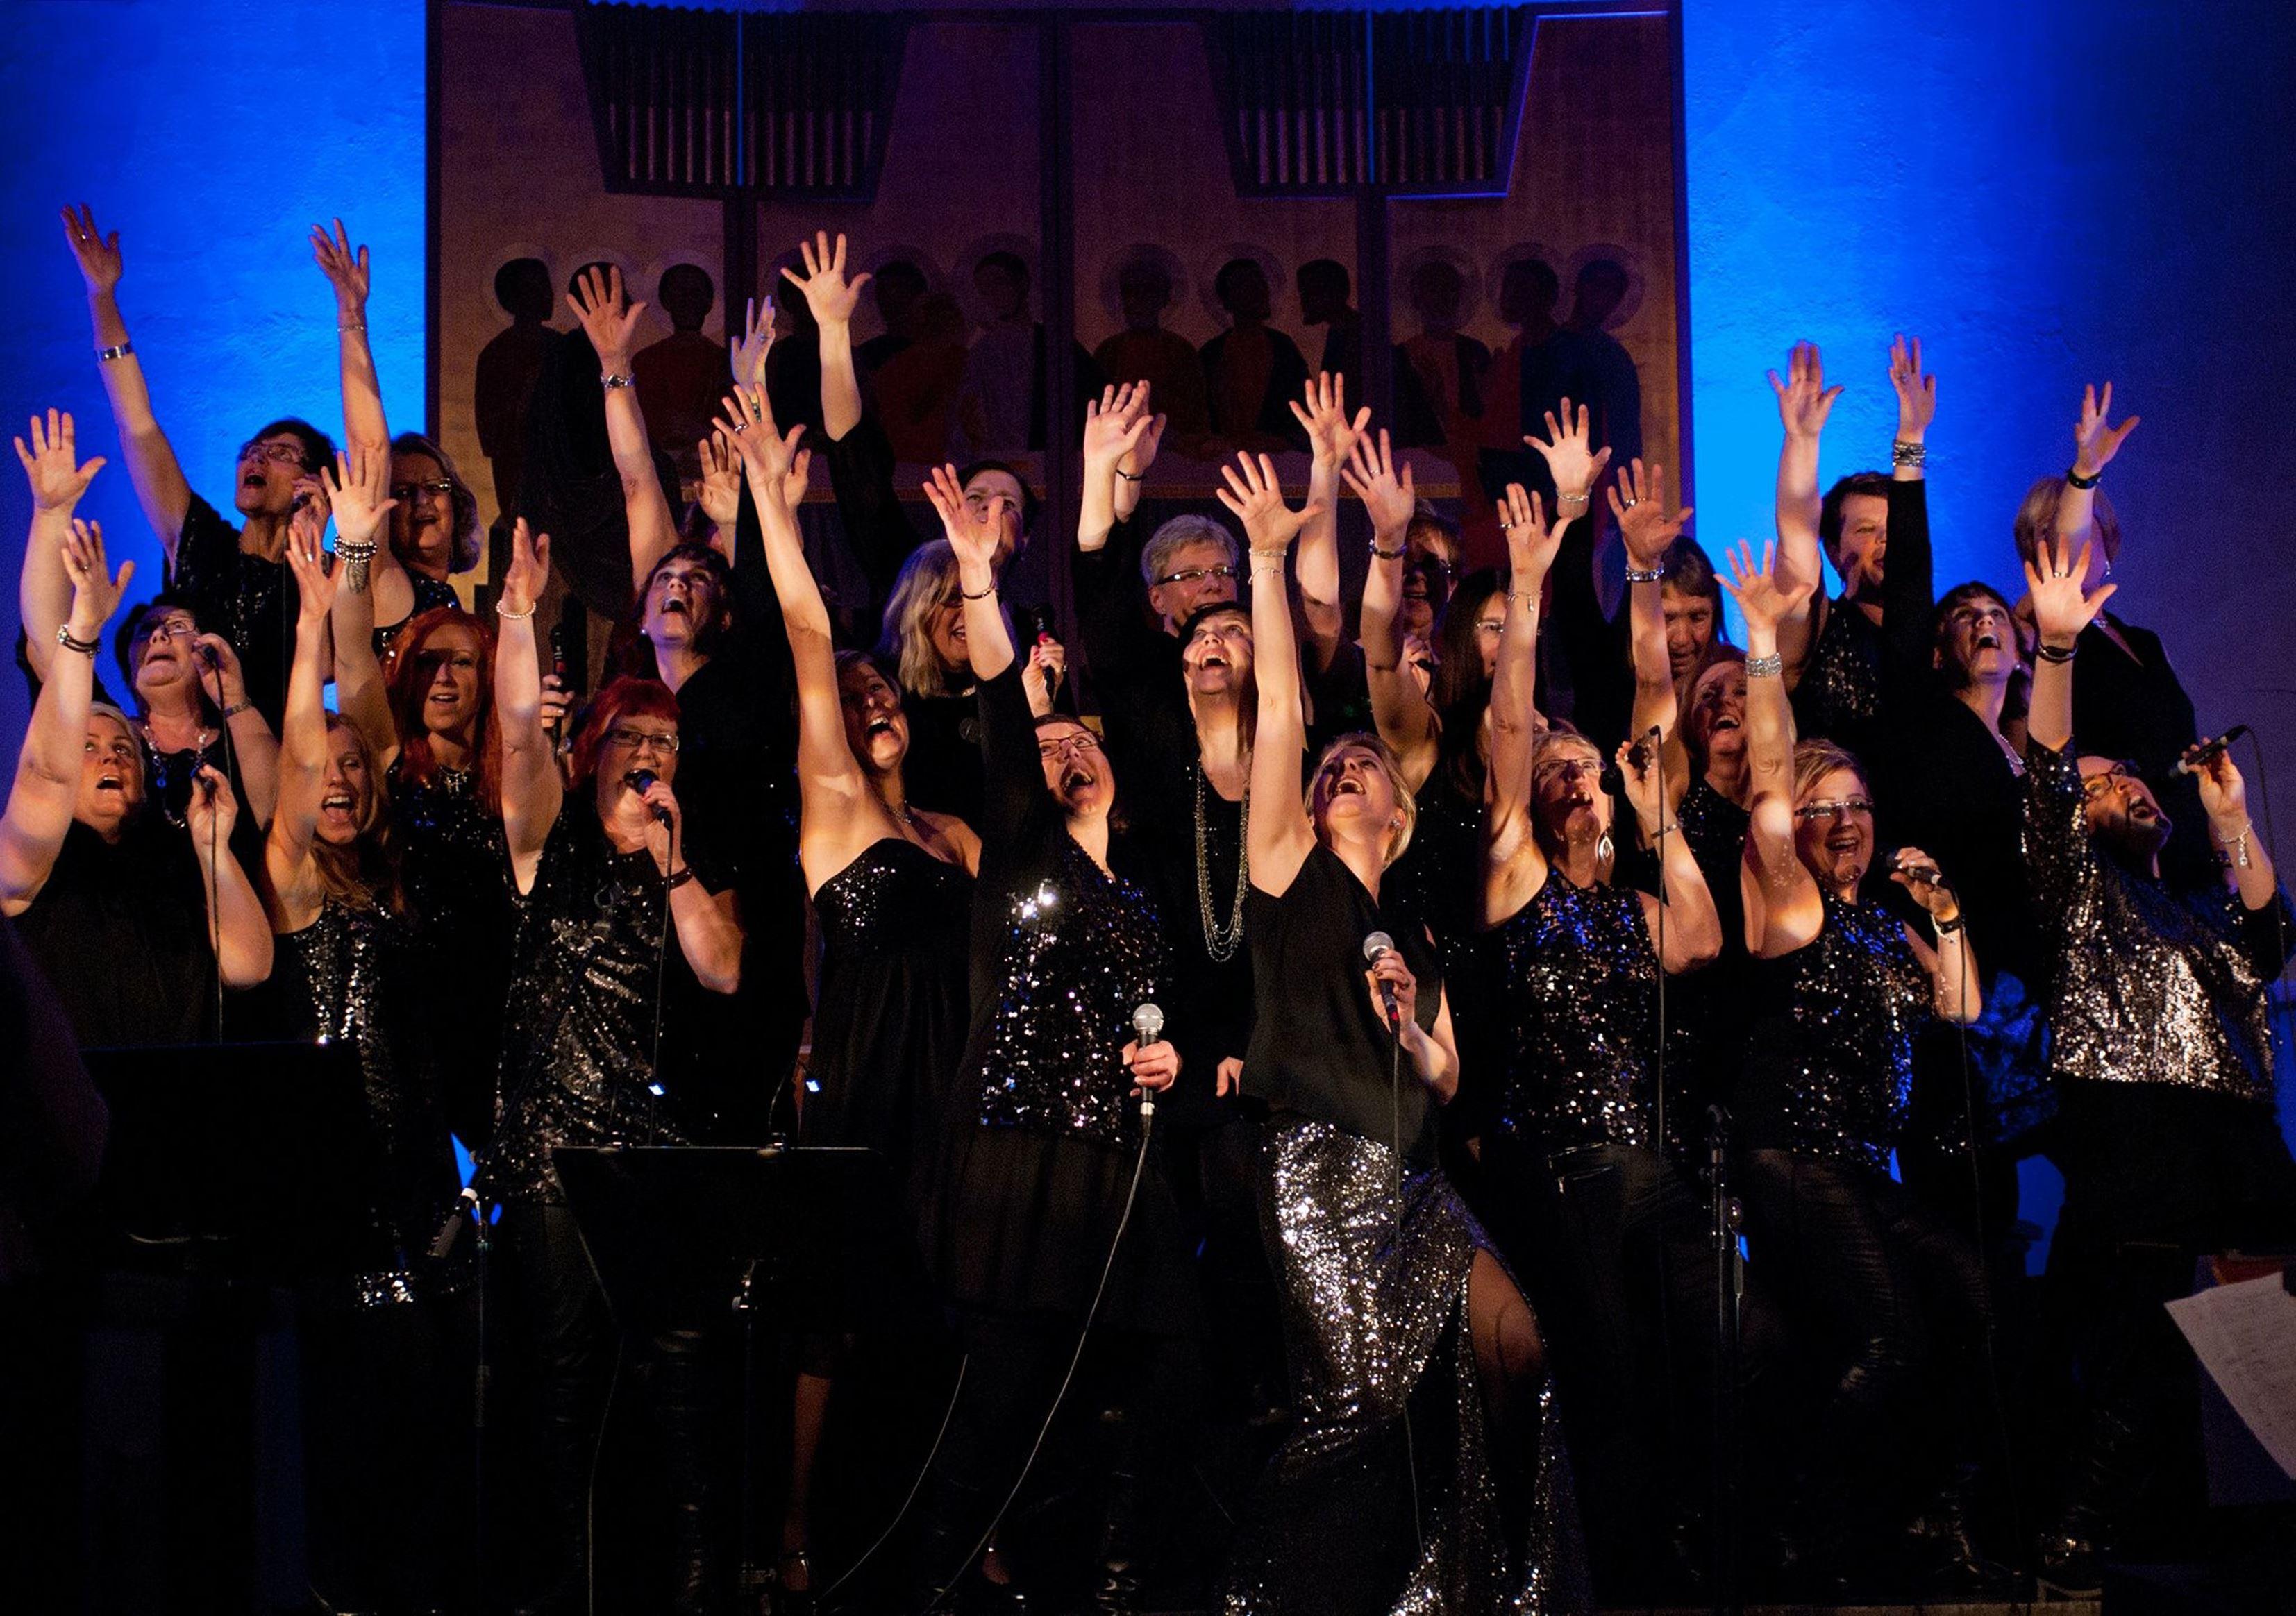 Jubileumskonsert - Juniper Bay Gospel